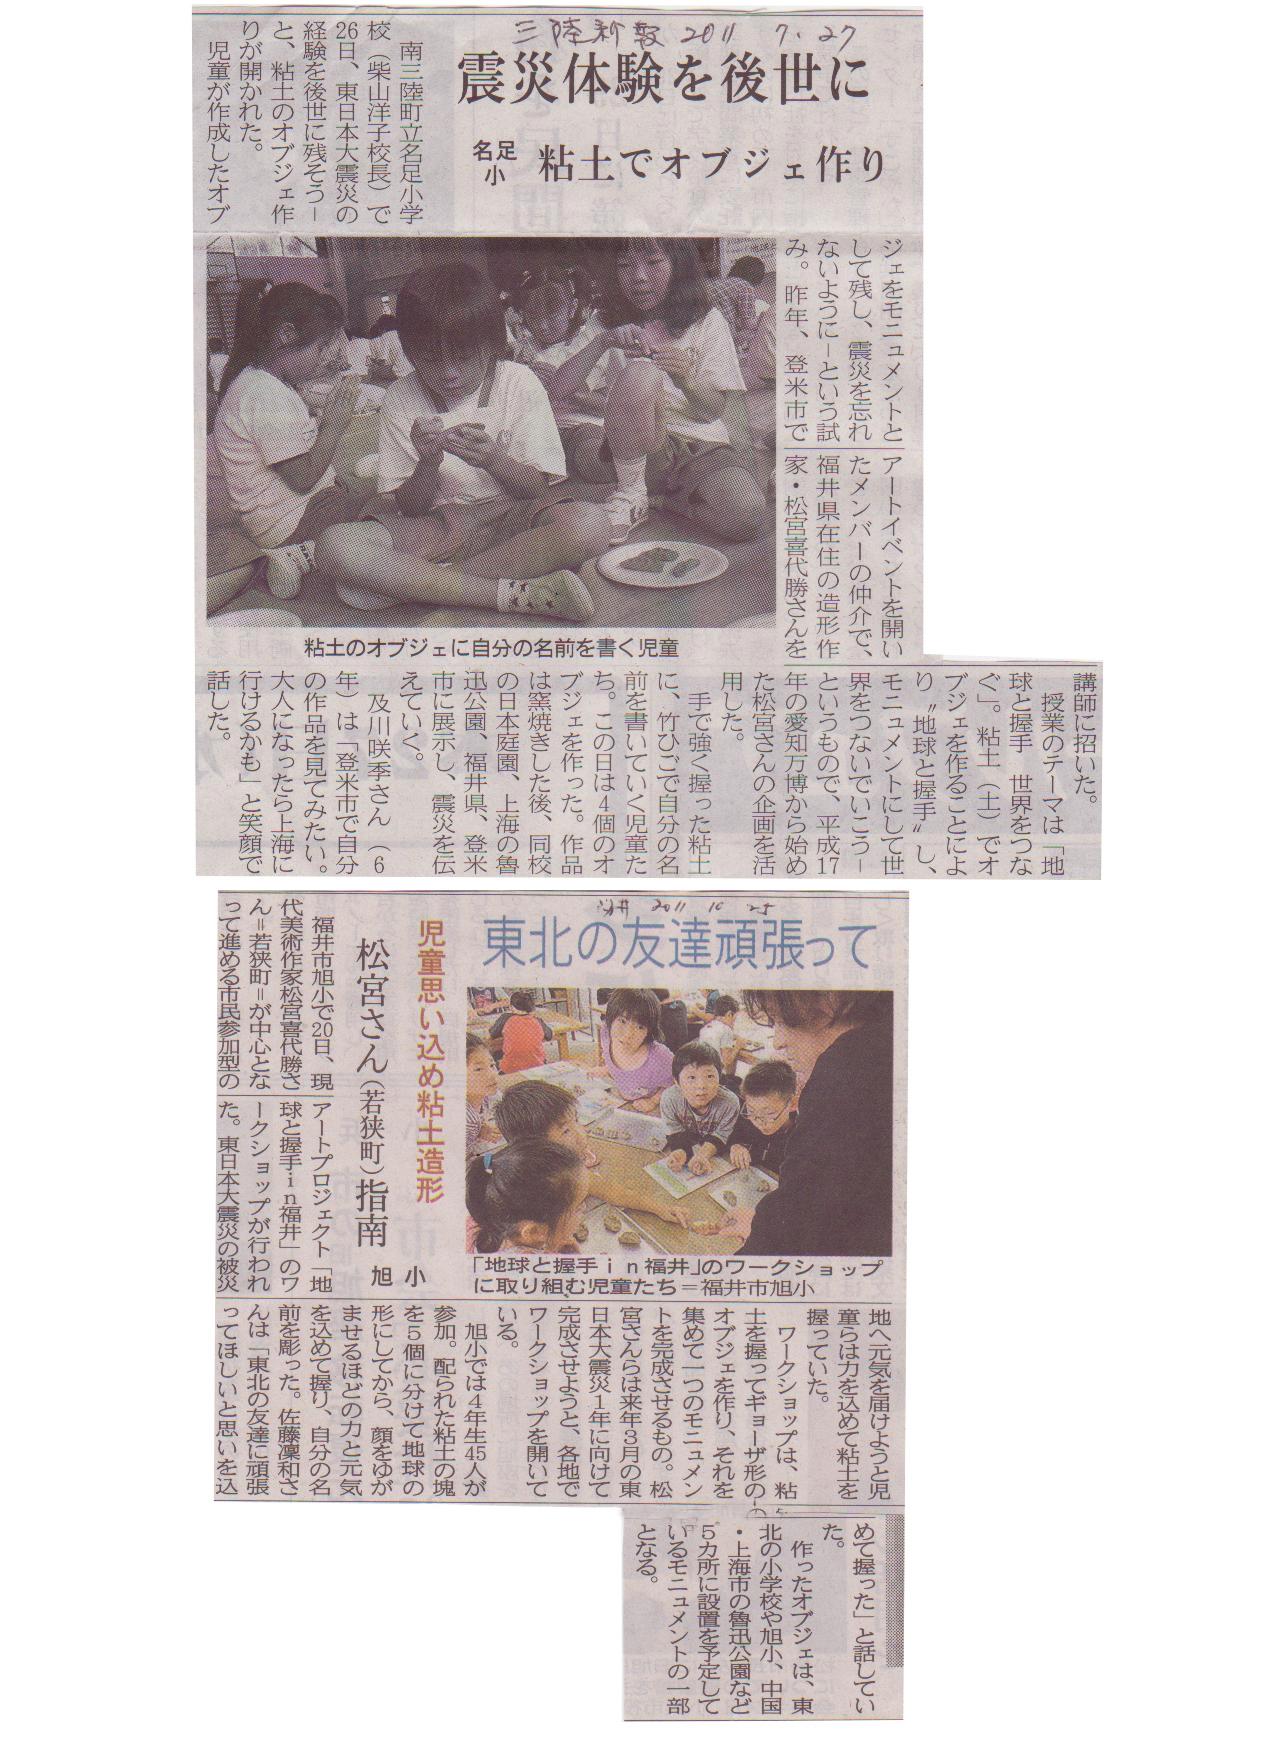 名足小 粘土でオブジェ作り 三陸新聞